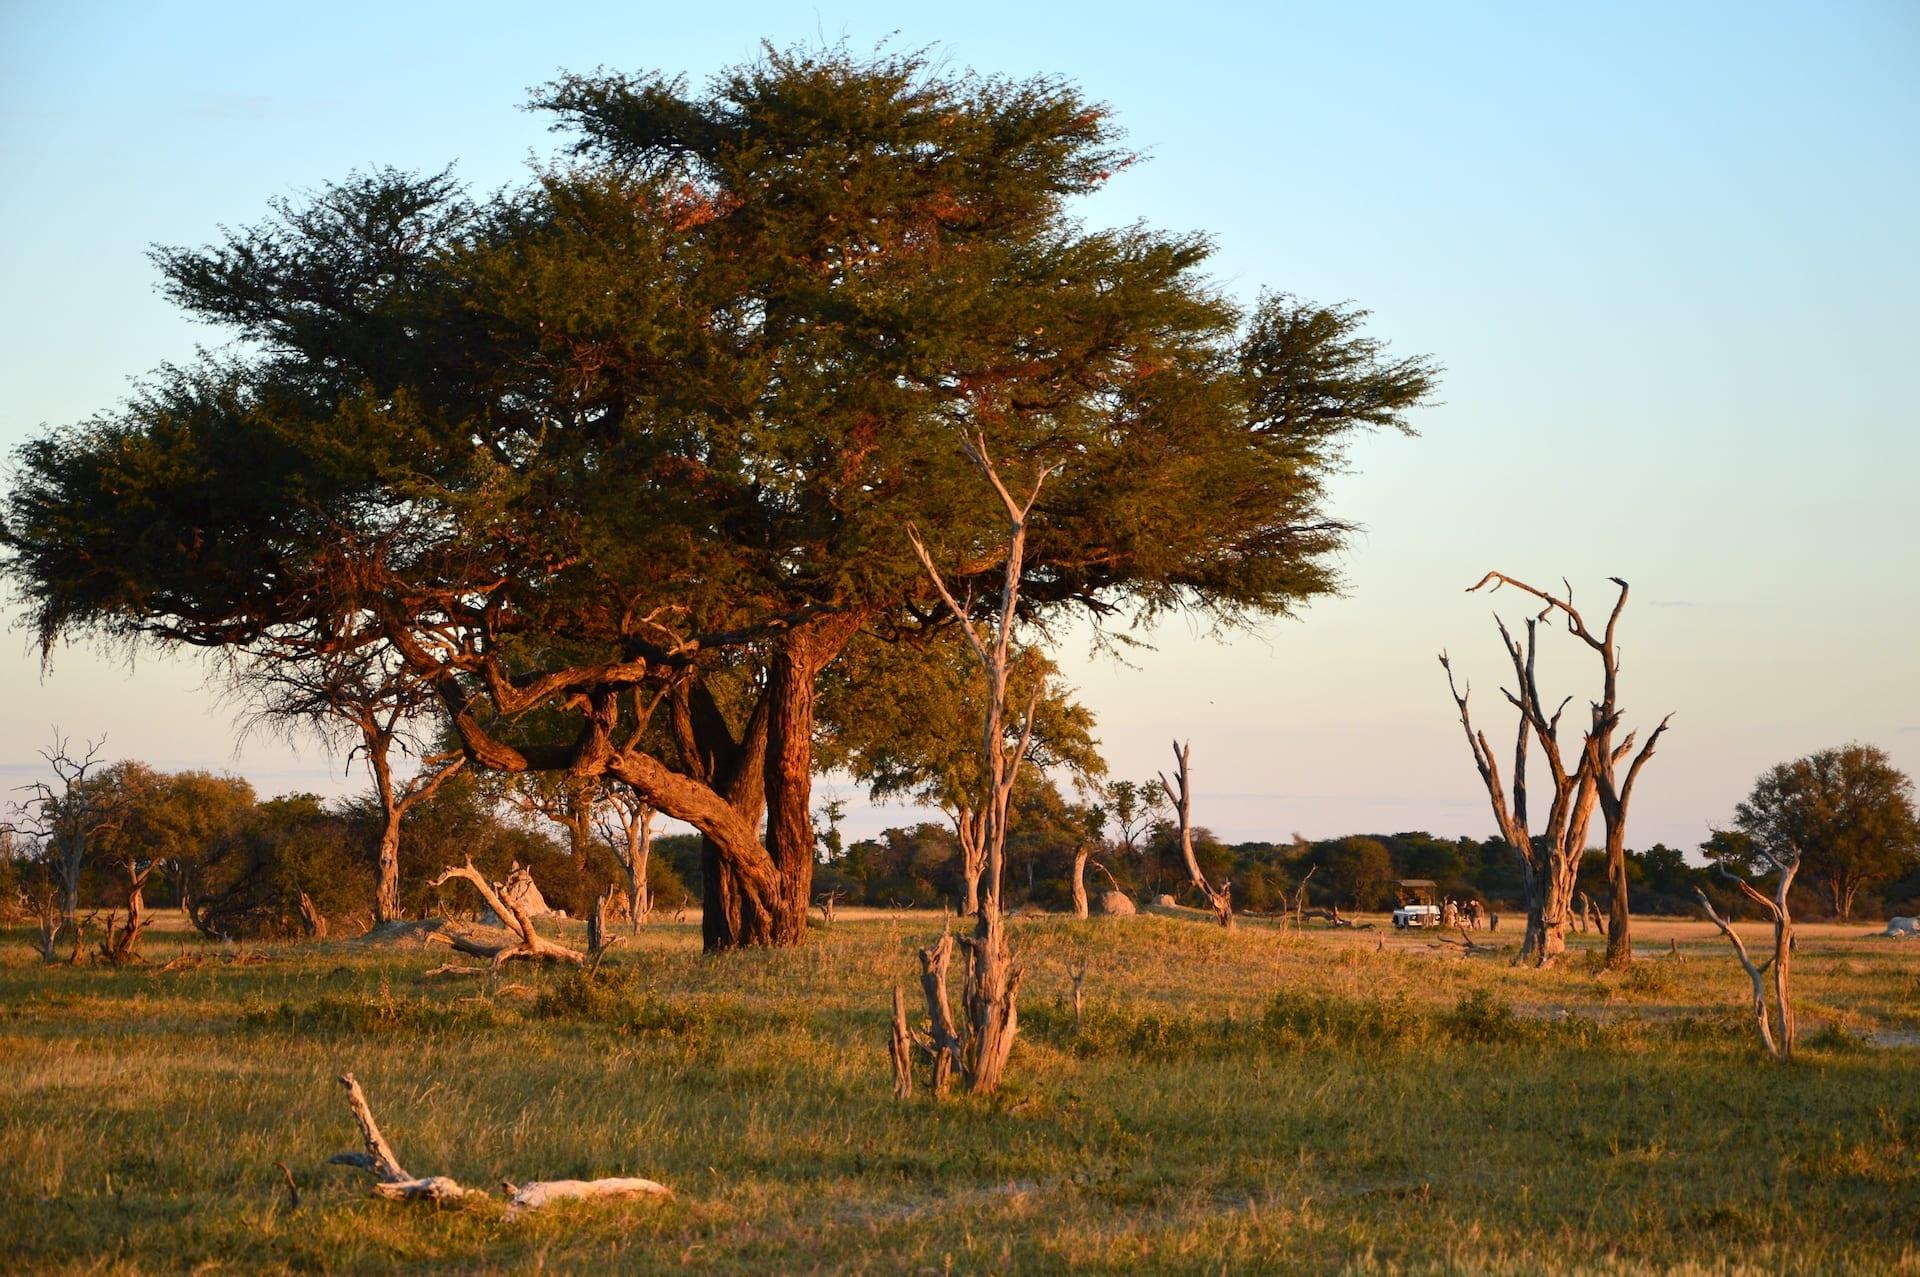 # FOTO 7 - Safari Hwange Camelthorn0088